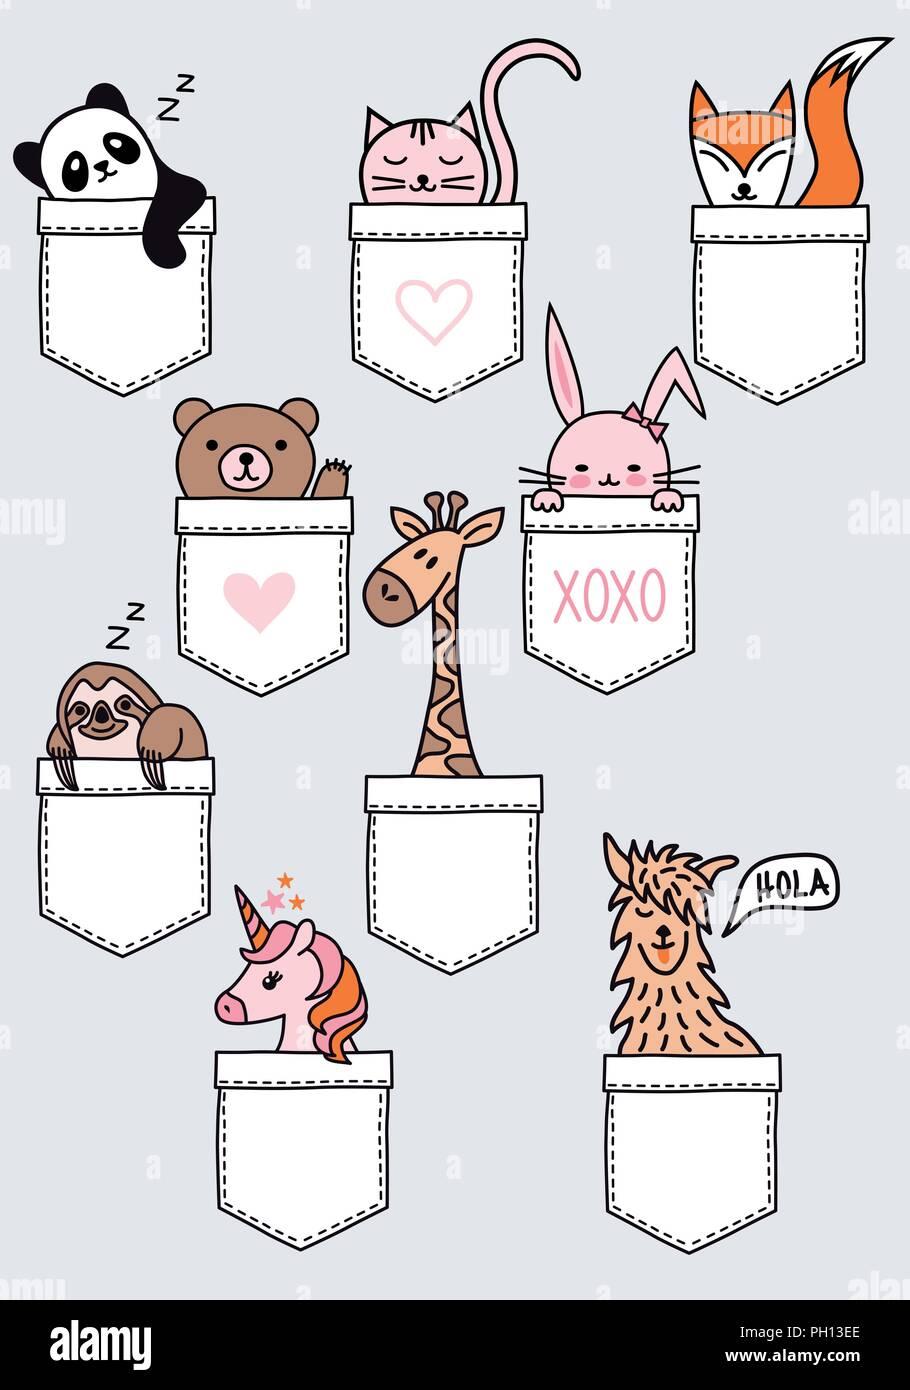 Cute animales bebe sentado en un bolsillo, panda, oso, gato, zorro, bunny, pereza, jirafas, unicornio, Lama, el conjunto de elementos de diseño vectorial Ilustración del Vector